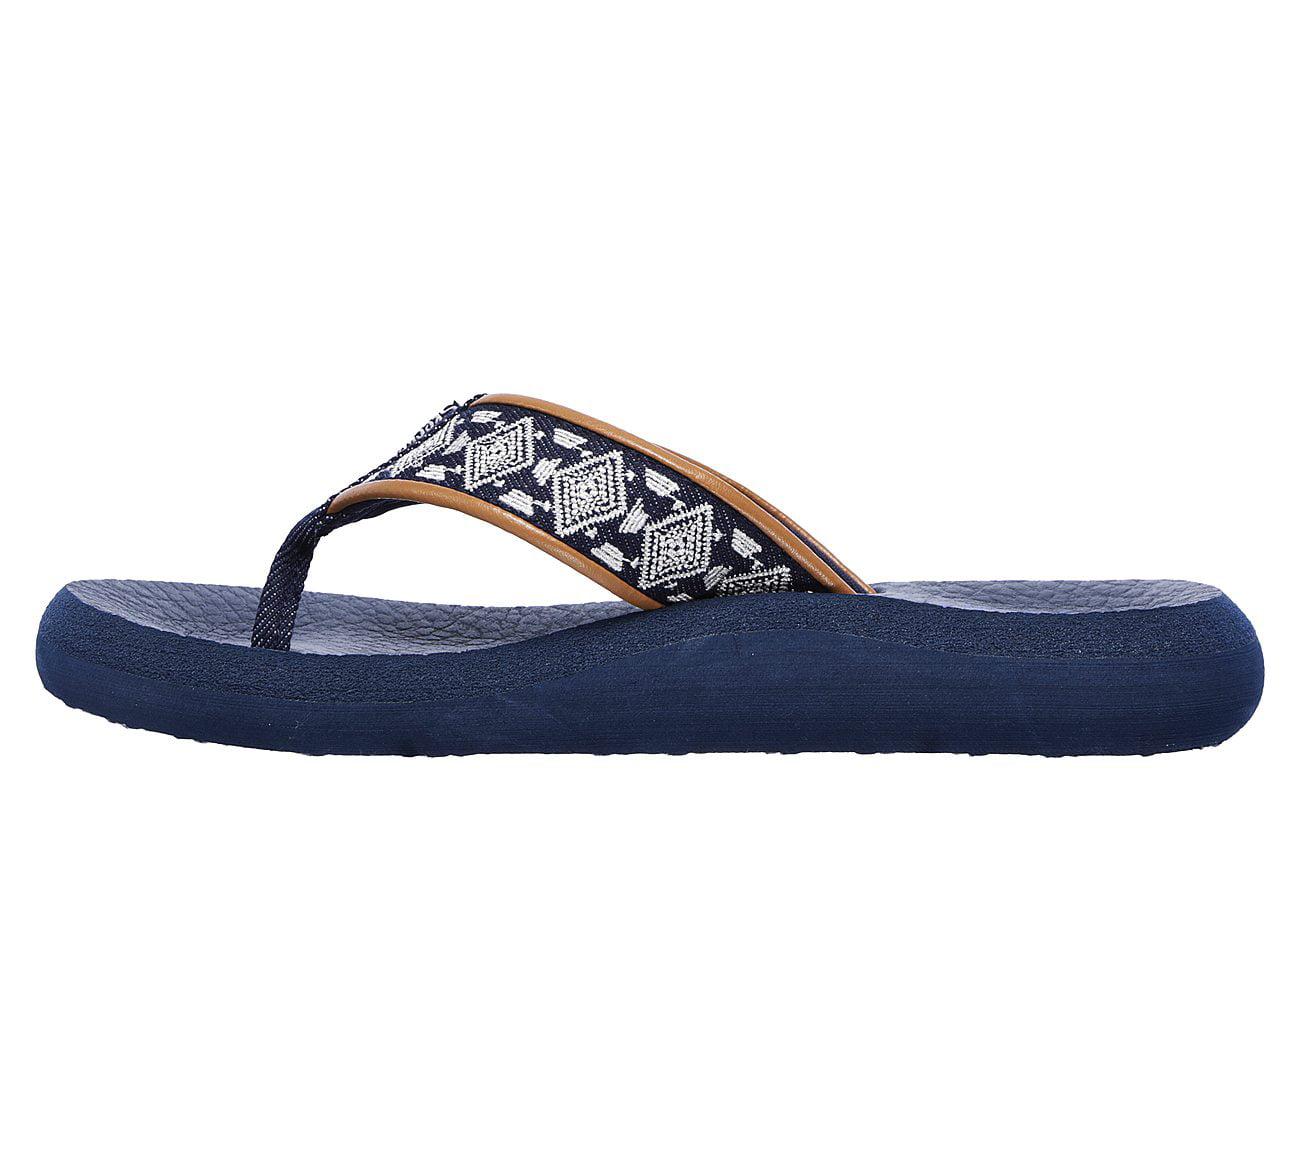 512e8cc28ac8 Skechers - Skechers Women s Asana Beach Bash Flip Flops Sandals Denim Blue  with Yoga Foam - Walmart.com